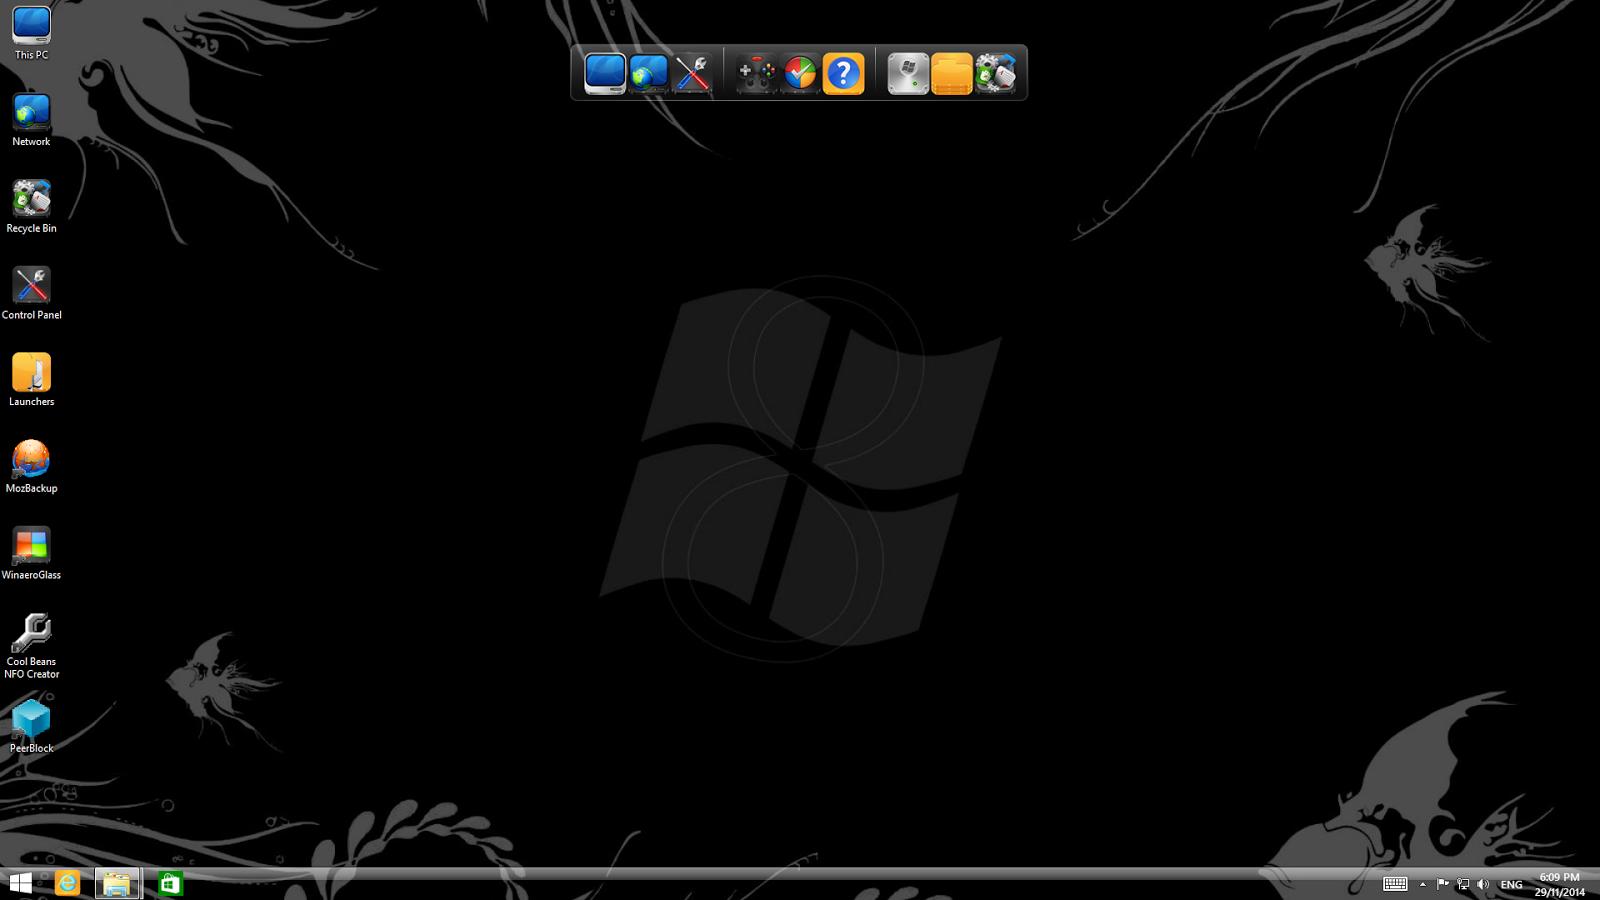 ���� ������ 8.1 ������� Download Windows Black 8.1 Pro x64 auto activation